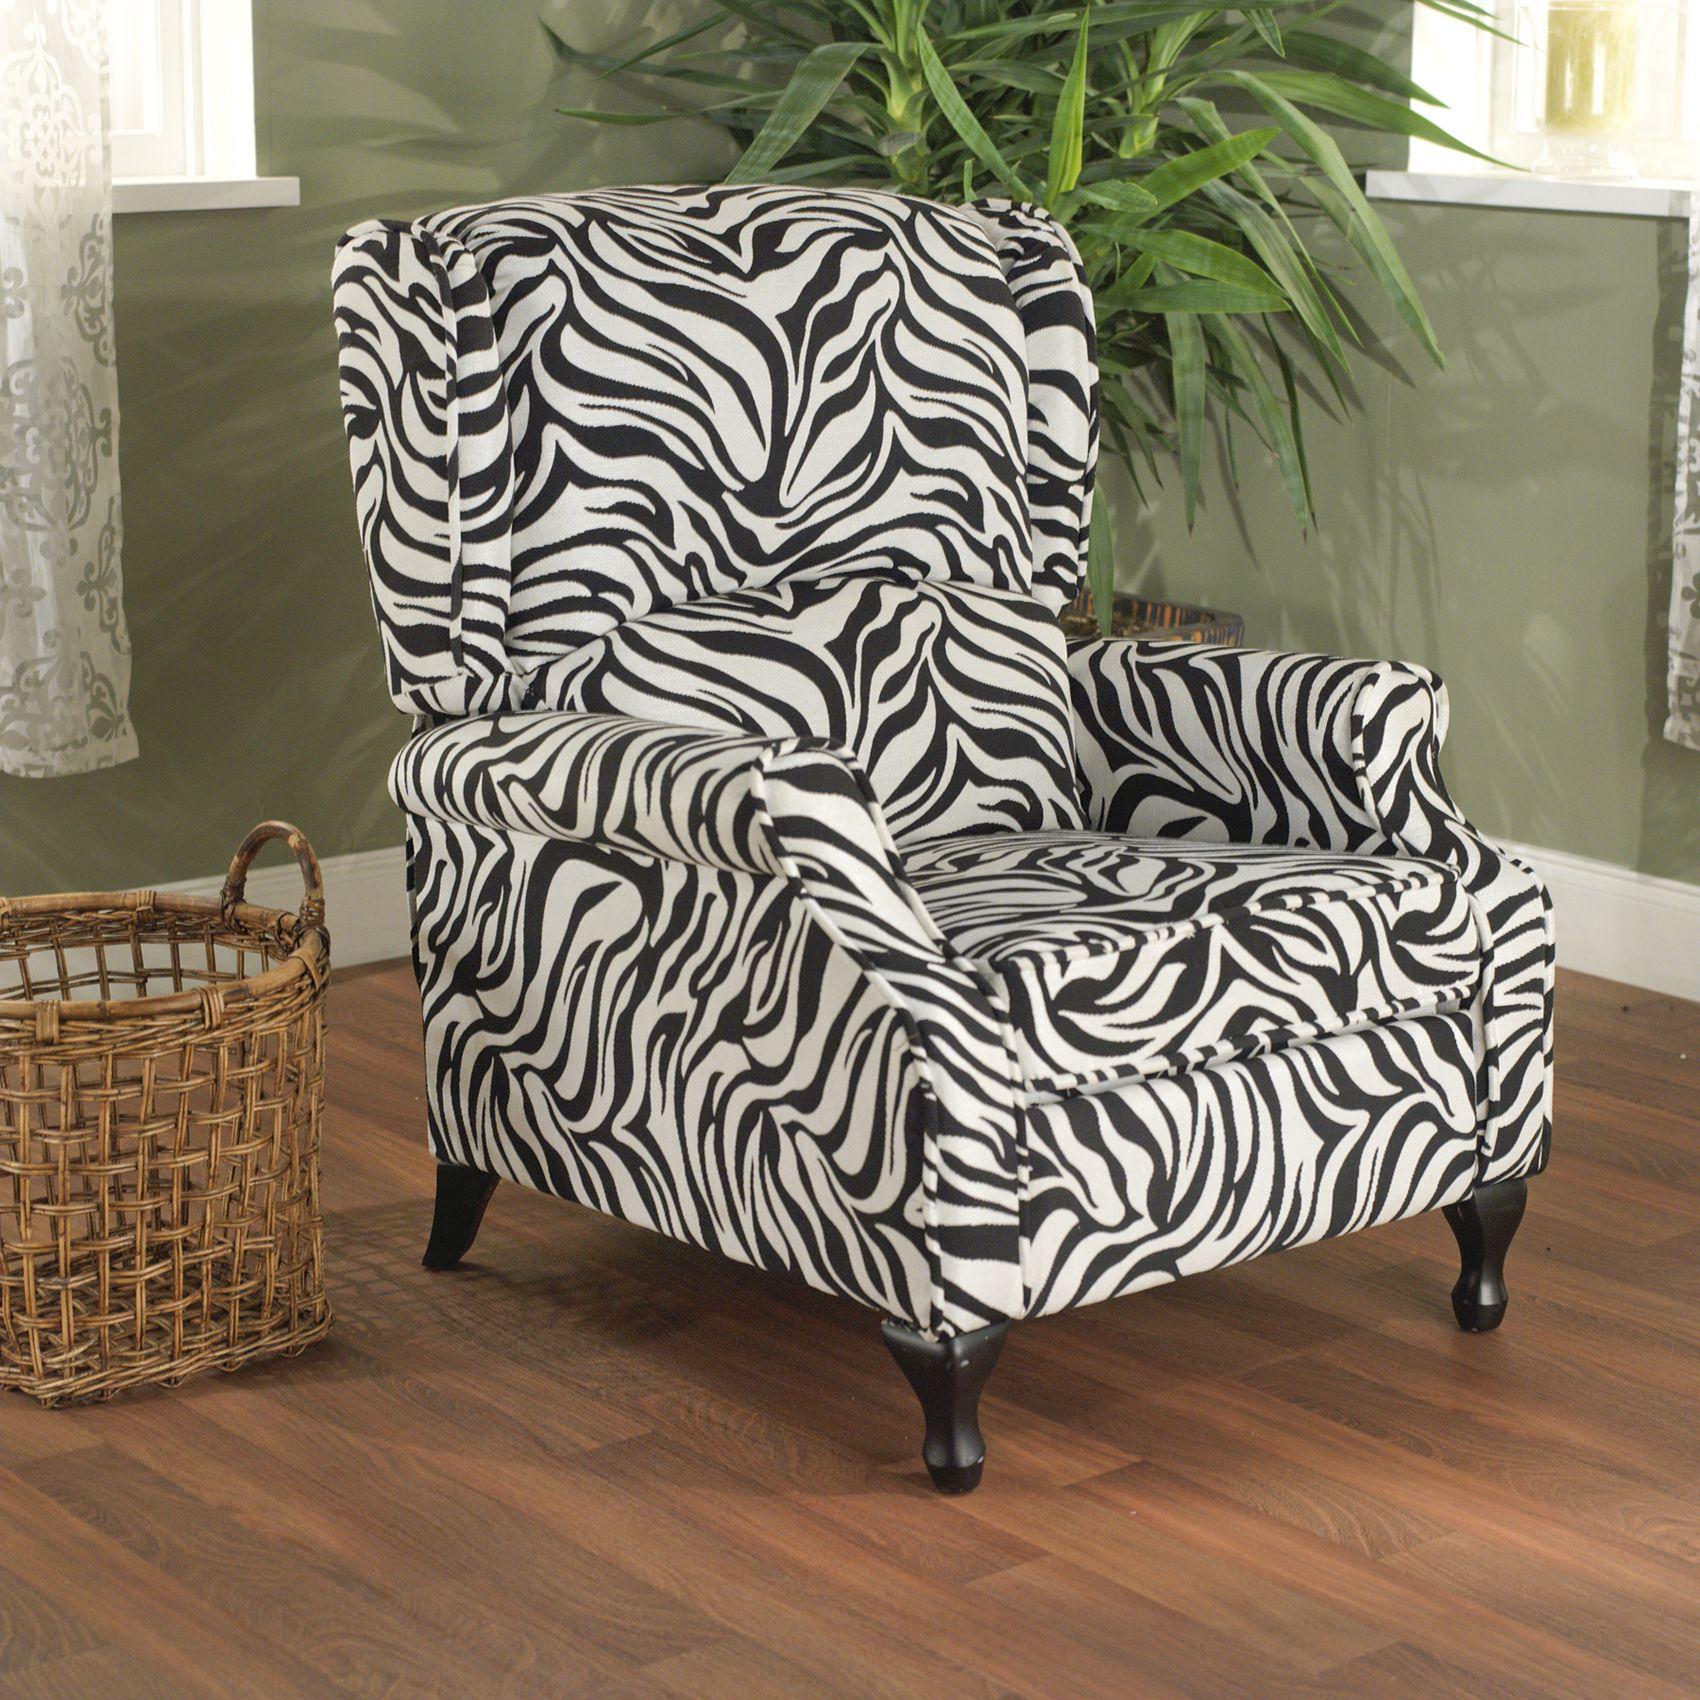 Simple Living Zebra Wing Recliner - Overstock™ Shopping - Big Discounts on Simple Living Recliners